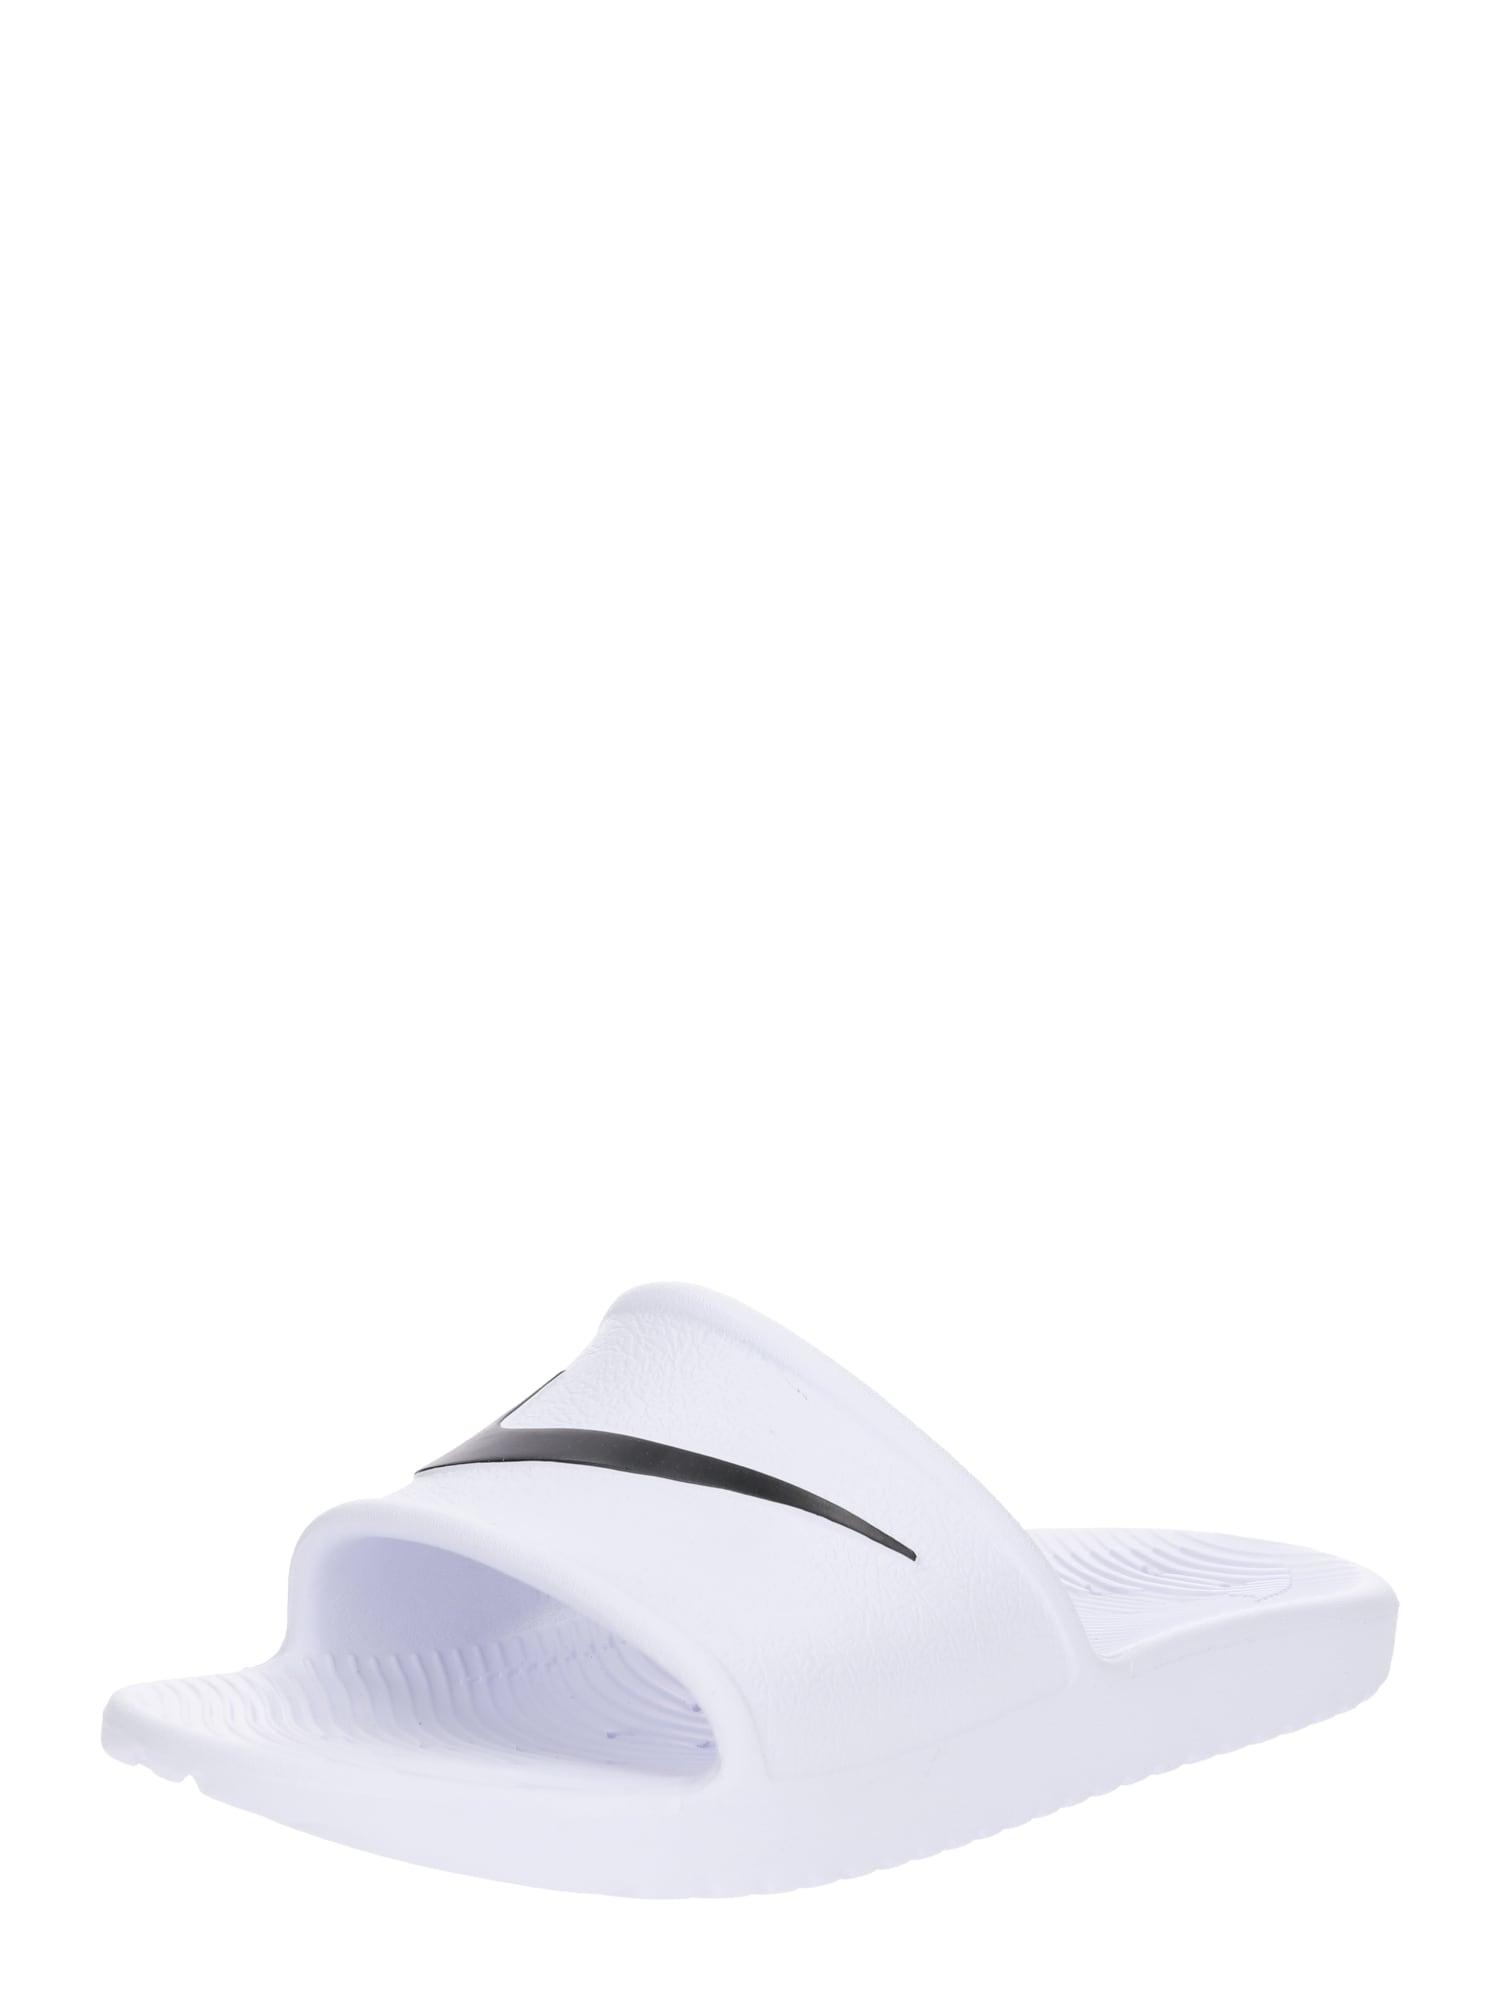 Plážovákoupací obuv Womens Kawa Shower černá bílá NIKE